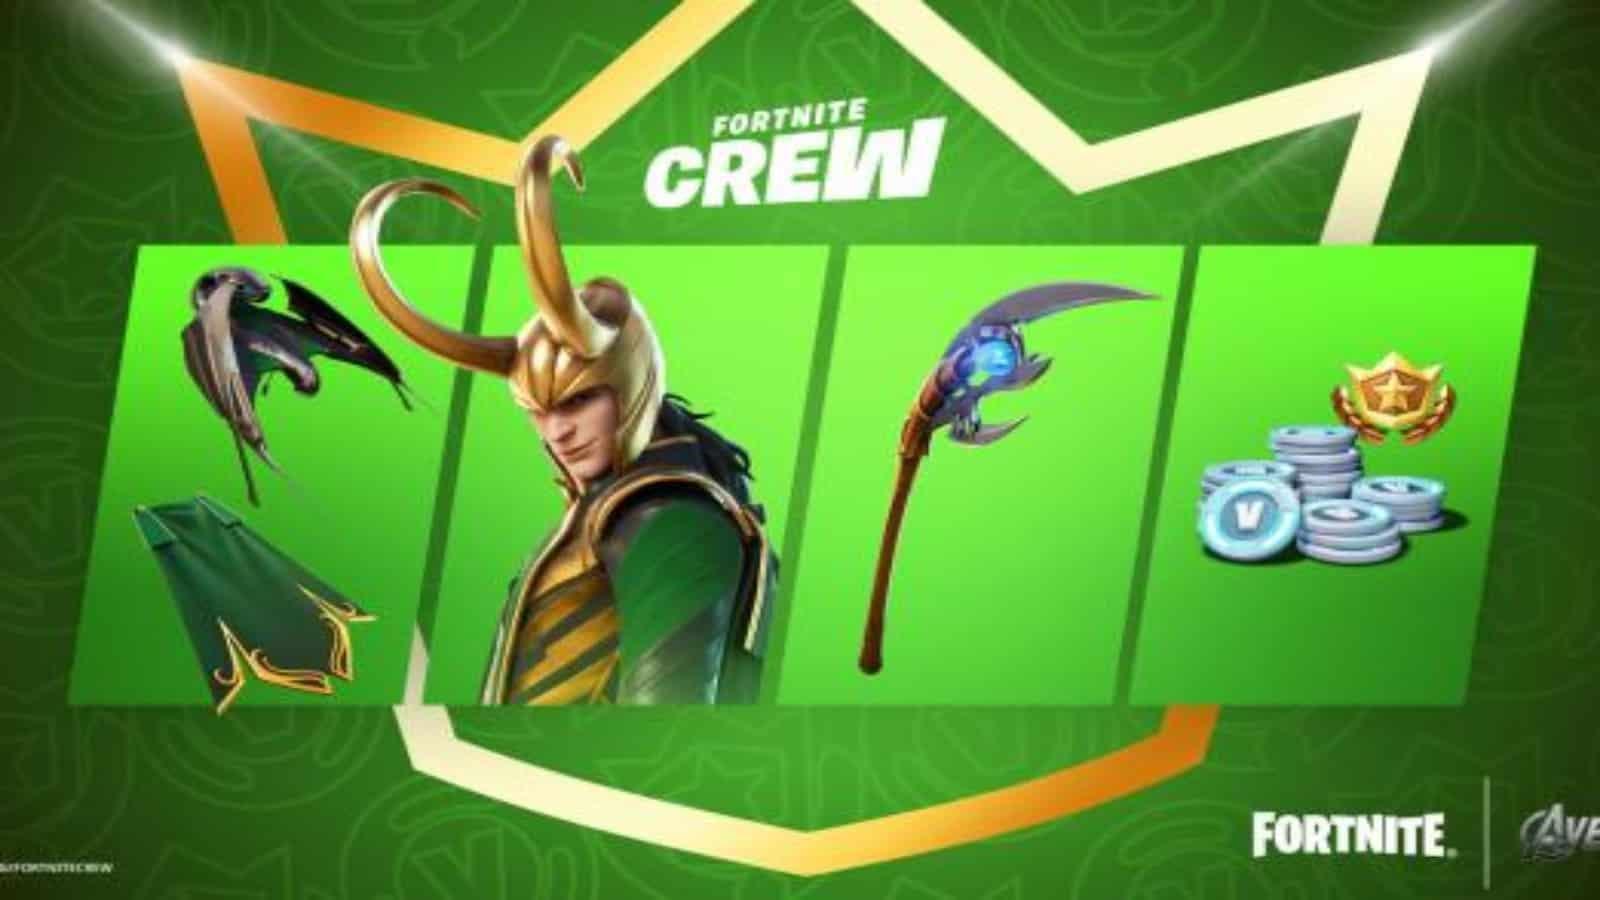 How to Get the Fortnite Loki Skin in Crew Pack: Season 7